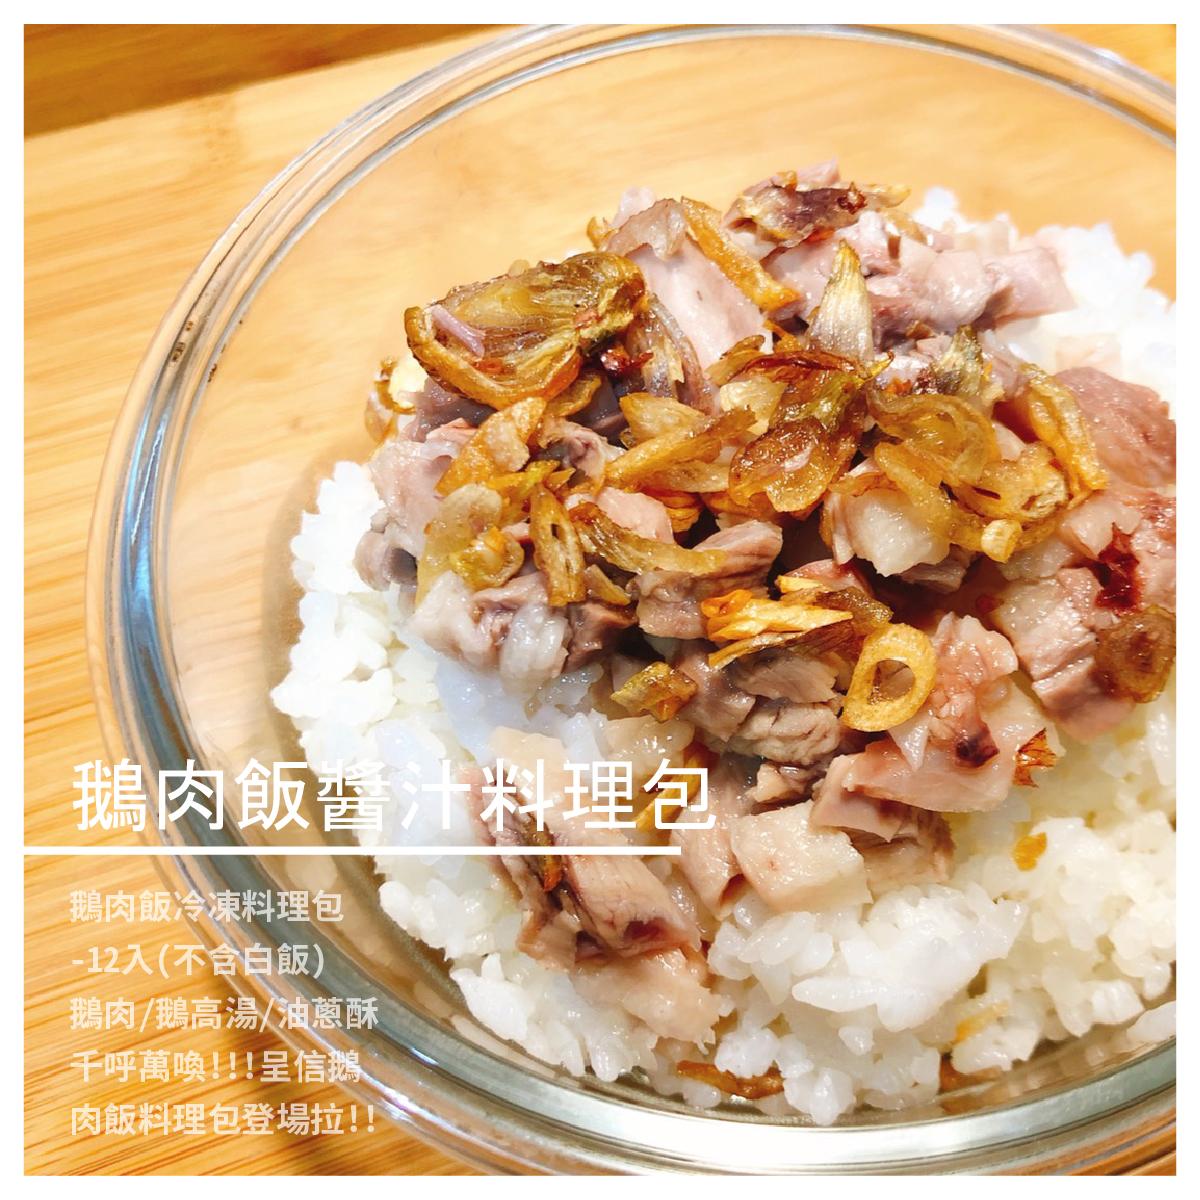 【呈信傳統鵝肉店】鵝肉飯醬汁料理包/12入(不含白飯)